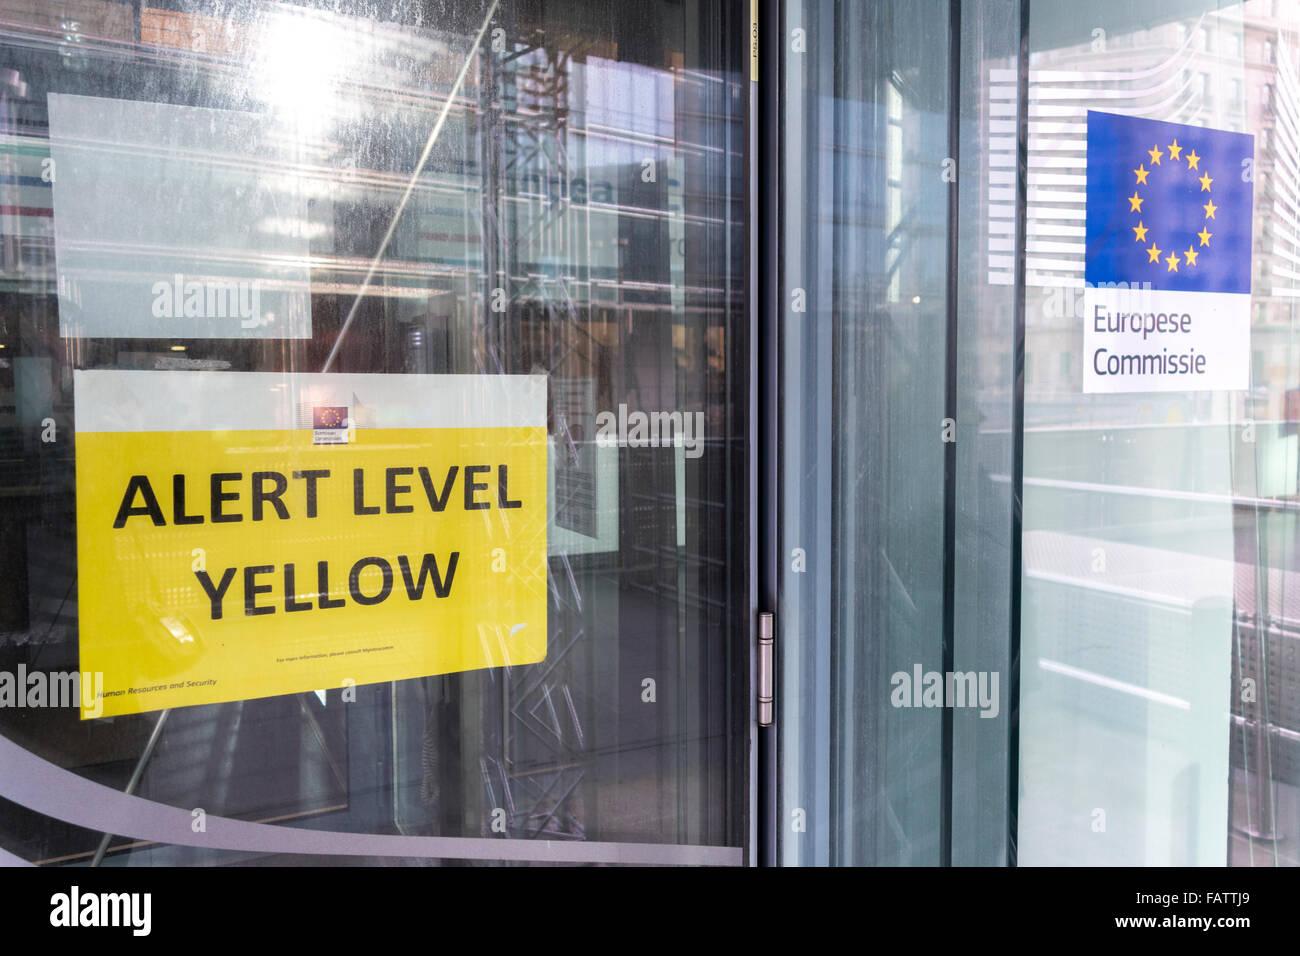 Bruxelles, Commission européenne. Bâtiment Charlemagne. Panneau routier à l'entrée indiquant Photo Stock